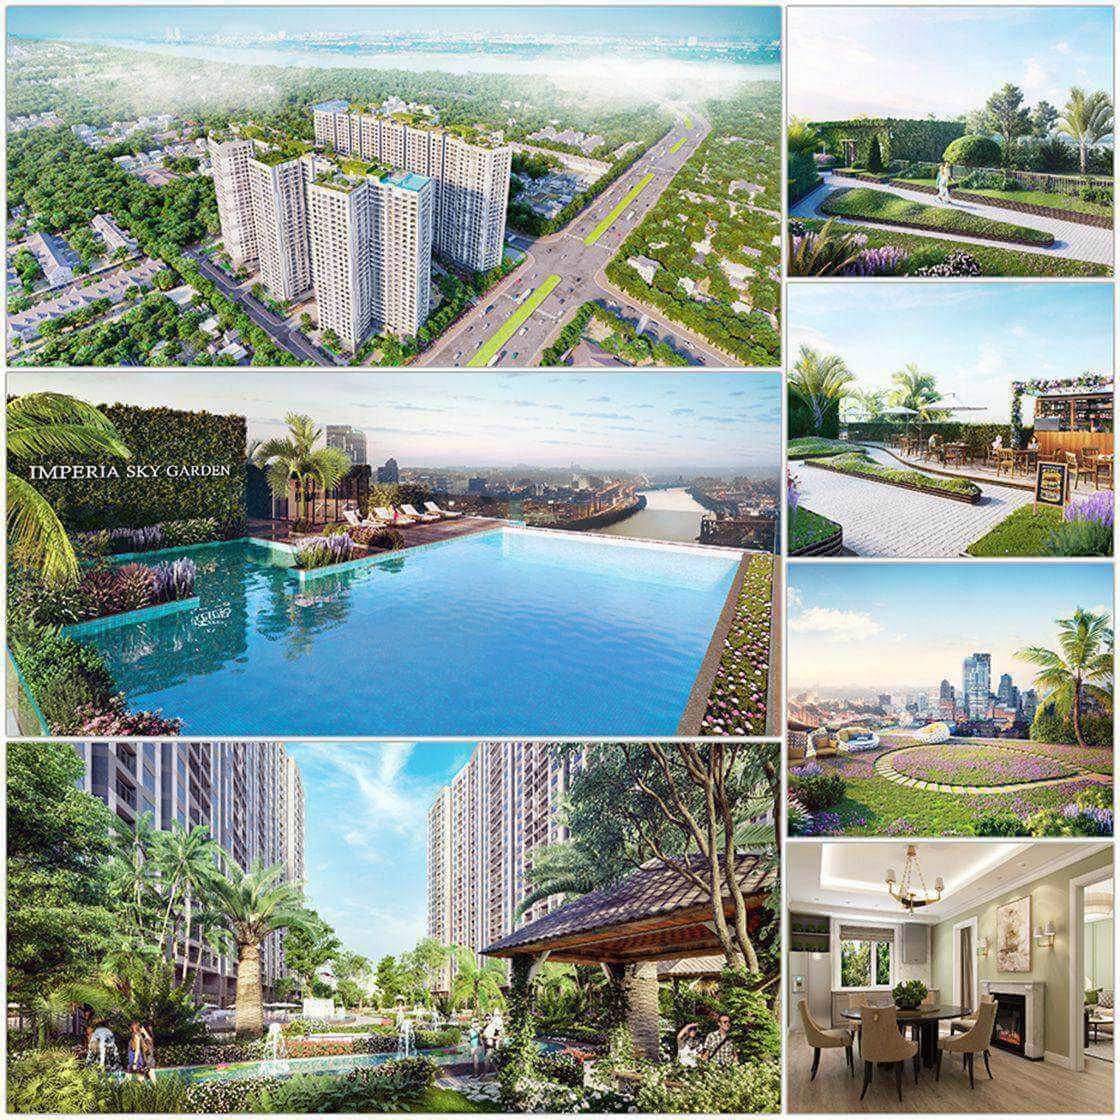 Hệ thống cảnh quan tiện ích tại dự án chung cư Imperia Sky Garden 423 Minh Khai